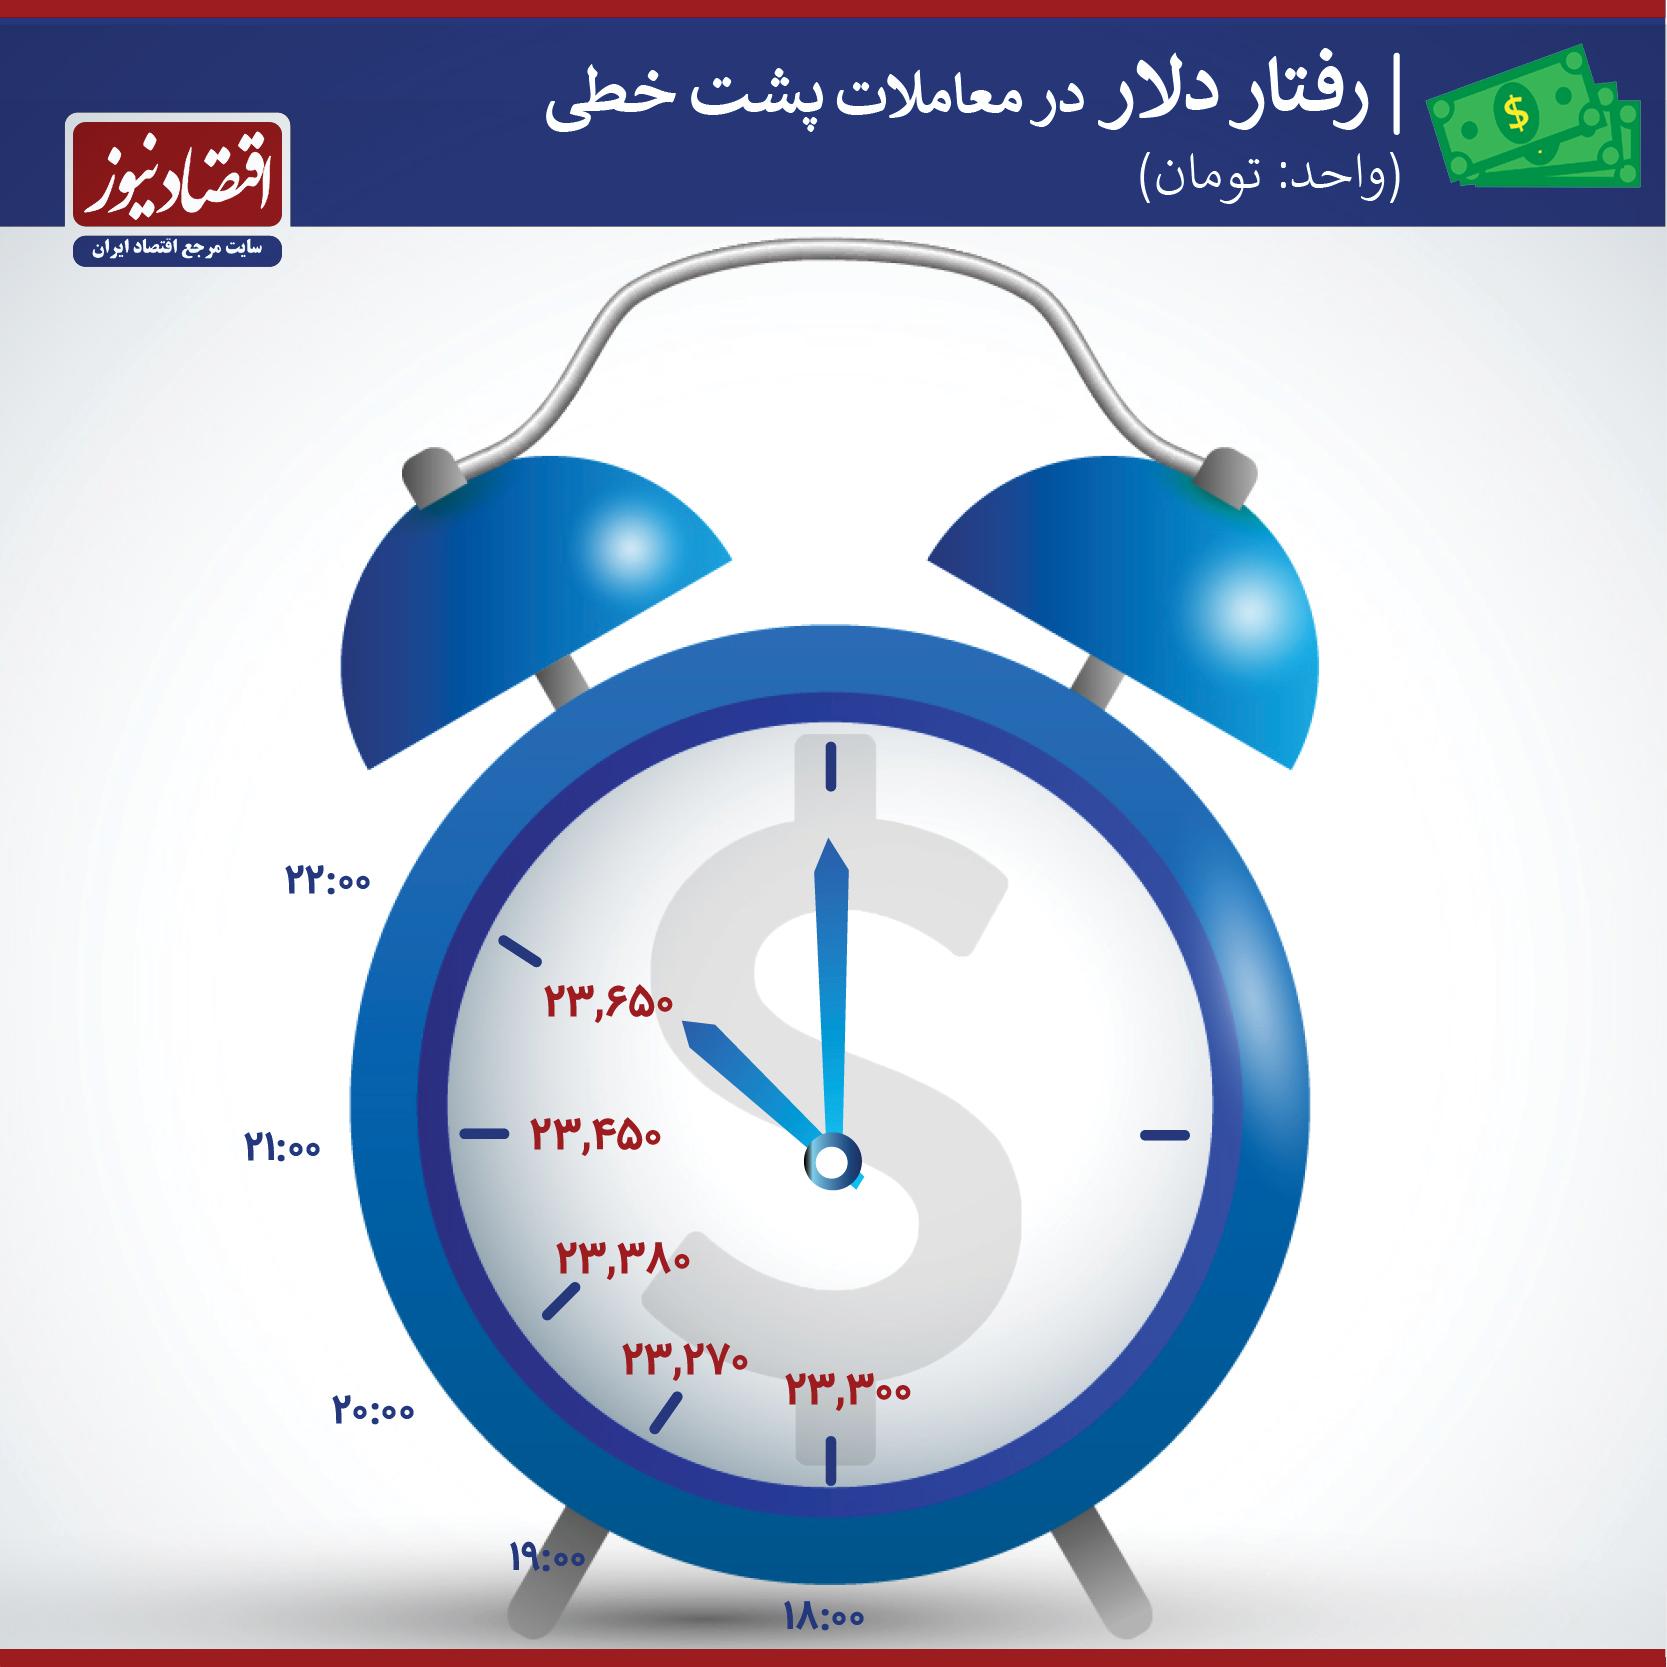 دلار پشت خطی 8 بهمن